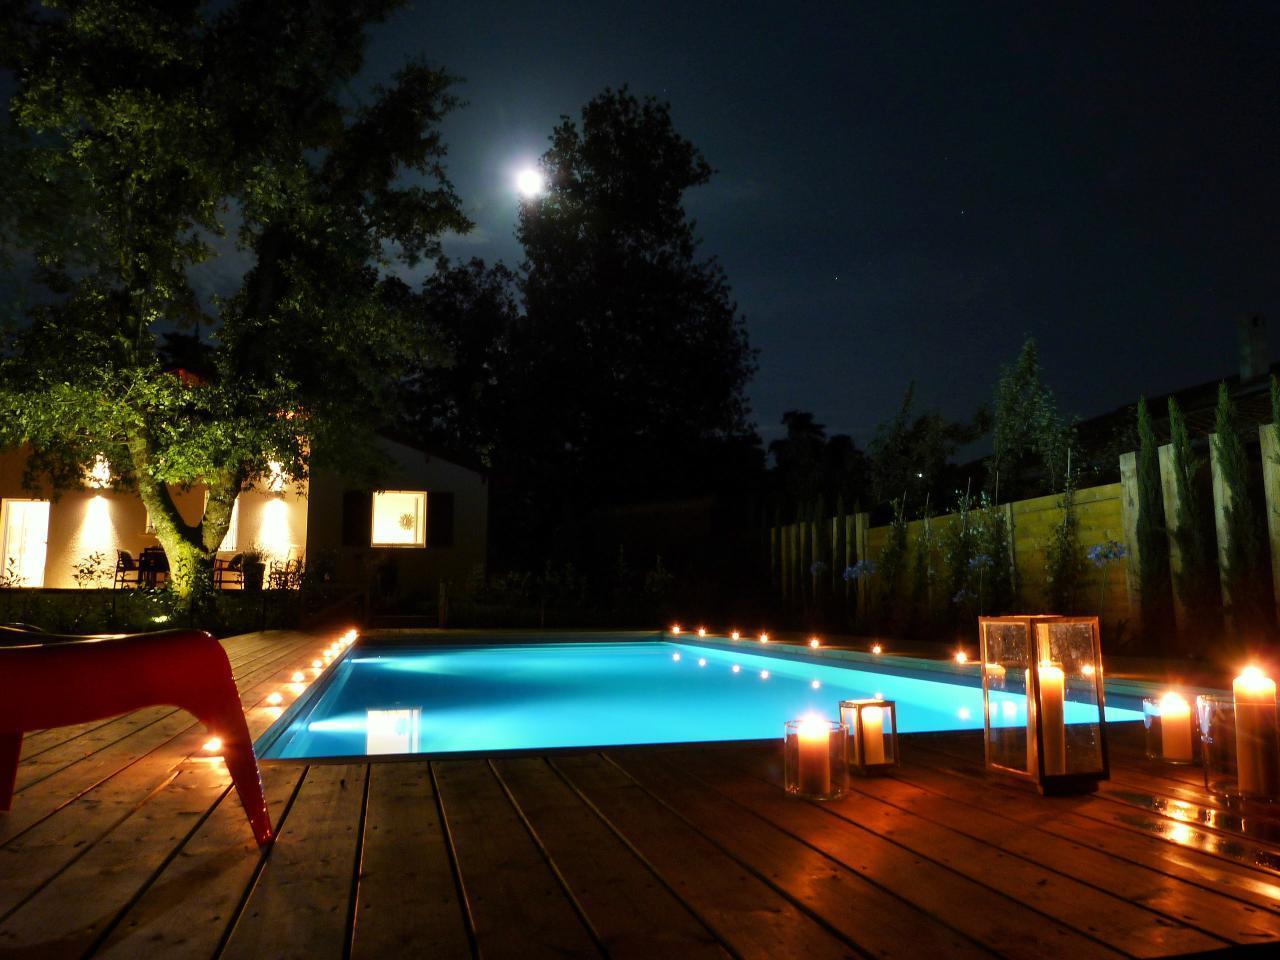 Maison de vacances Exklusives Landhaus mit Top-Küche, beheizter Pool, Naturgarten, unweit von St. Emilion, Bo (1040506), Martillac, Gironde, Aquitaine, France, image 45